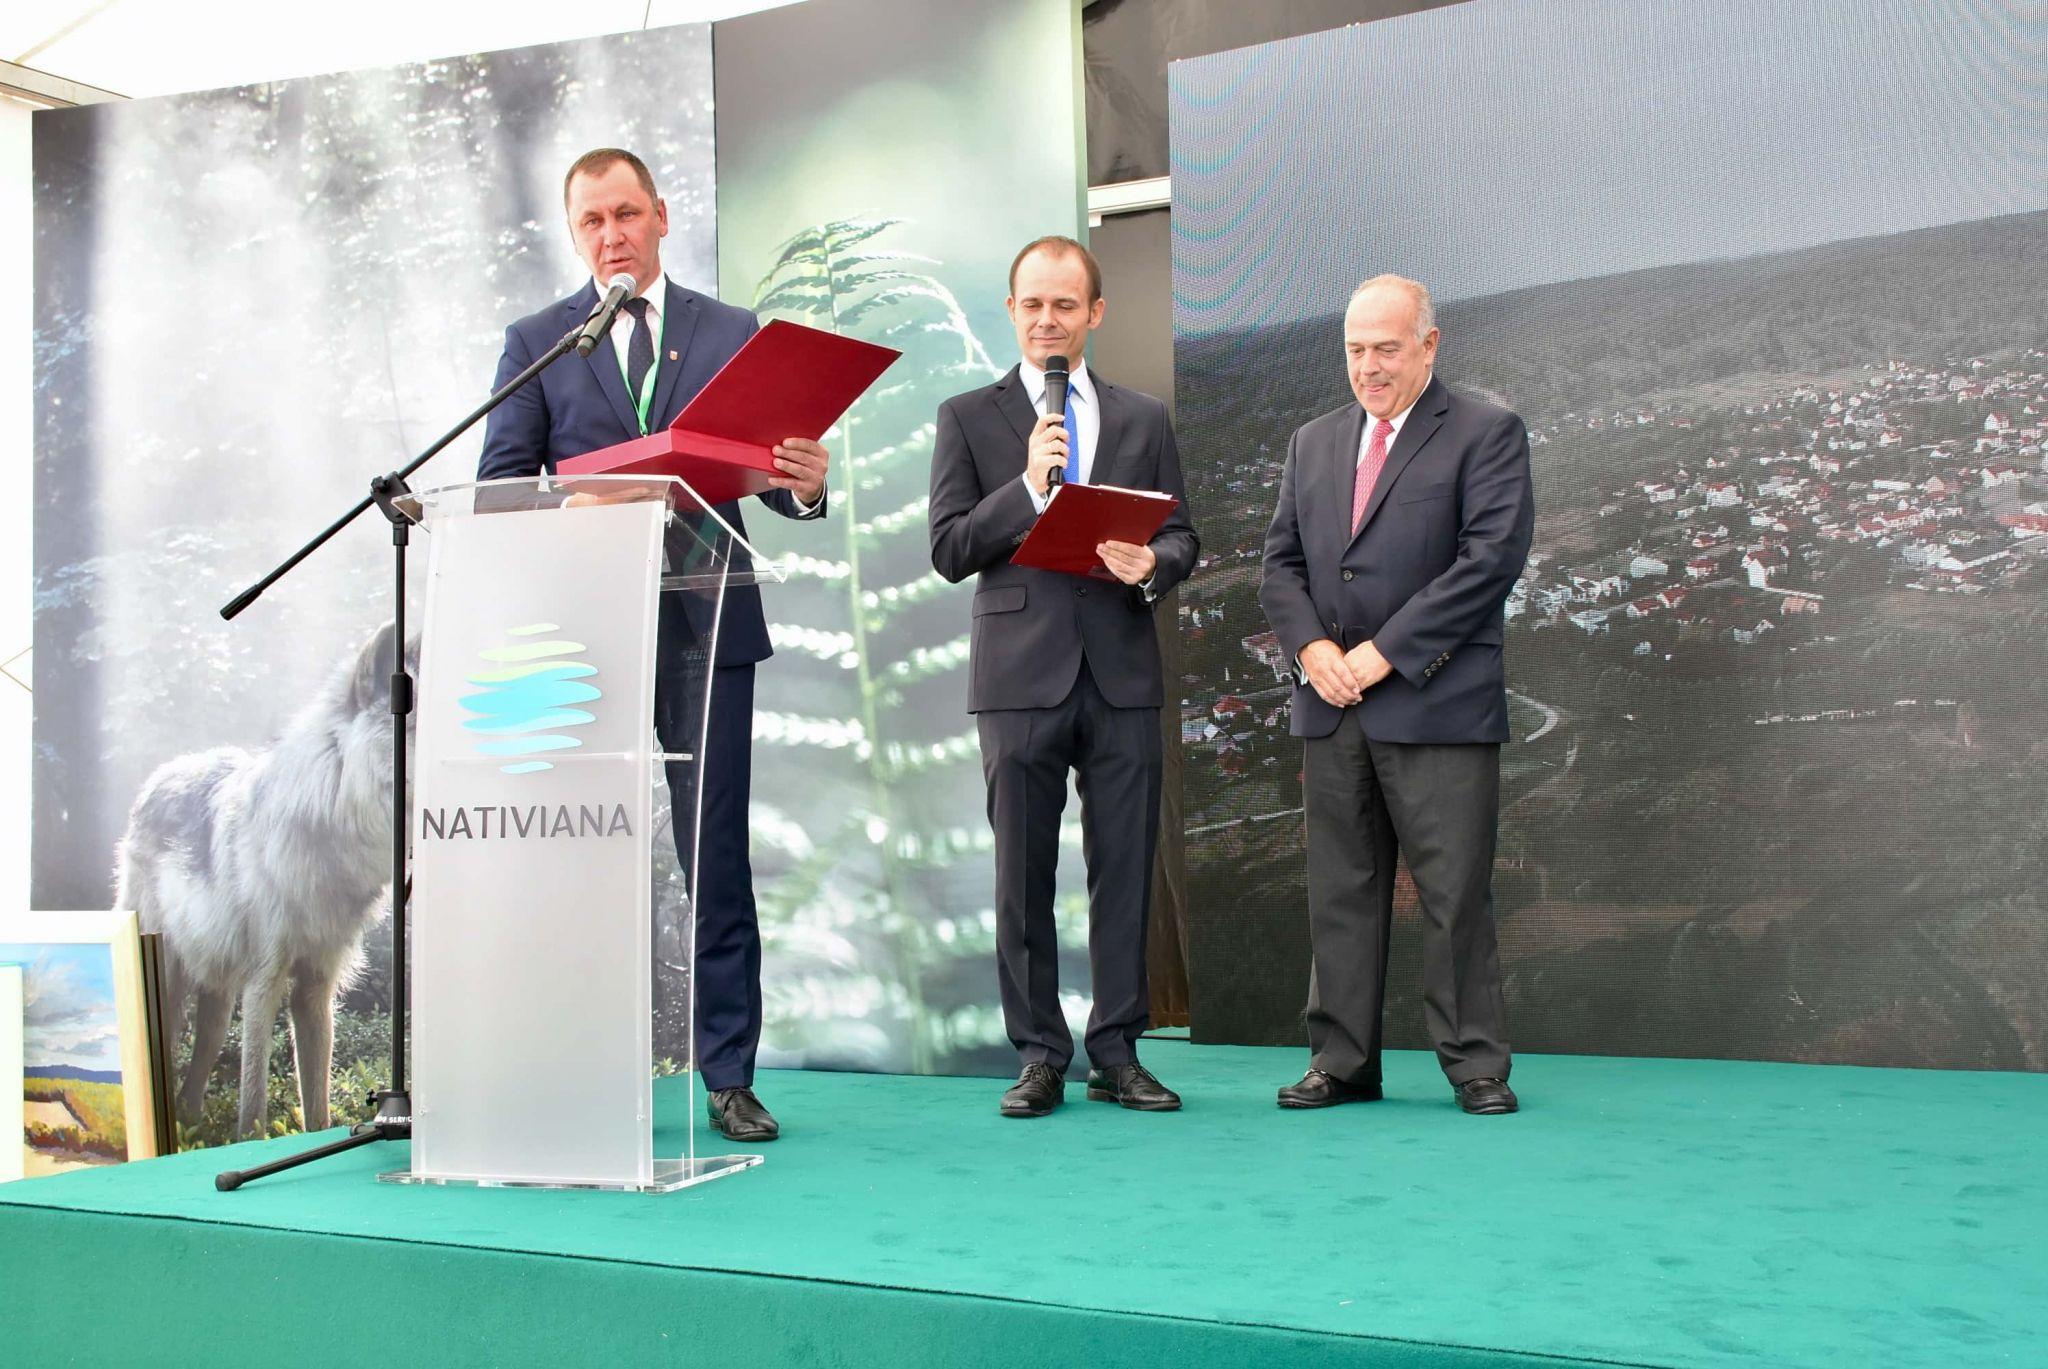 dsc 6942 Rodowita z Roztocza. Inwestycja za 75 mln zł. (Dużo zdjęć)